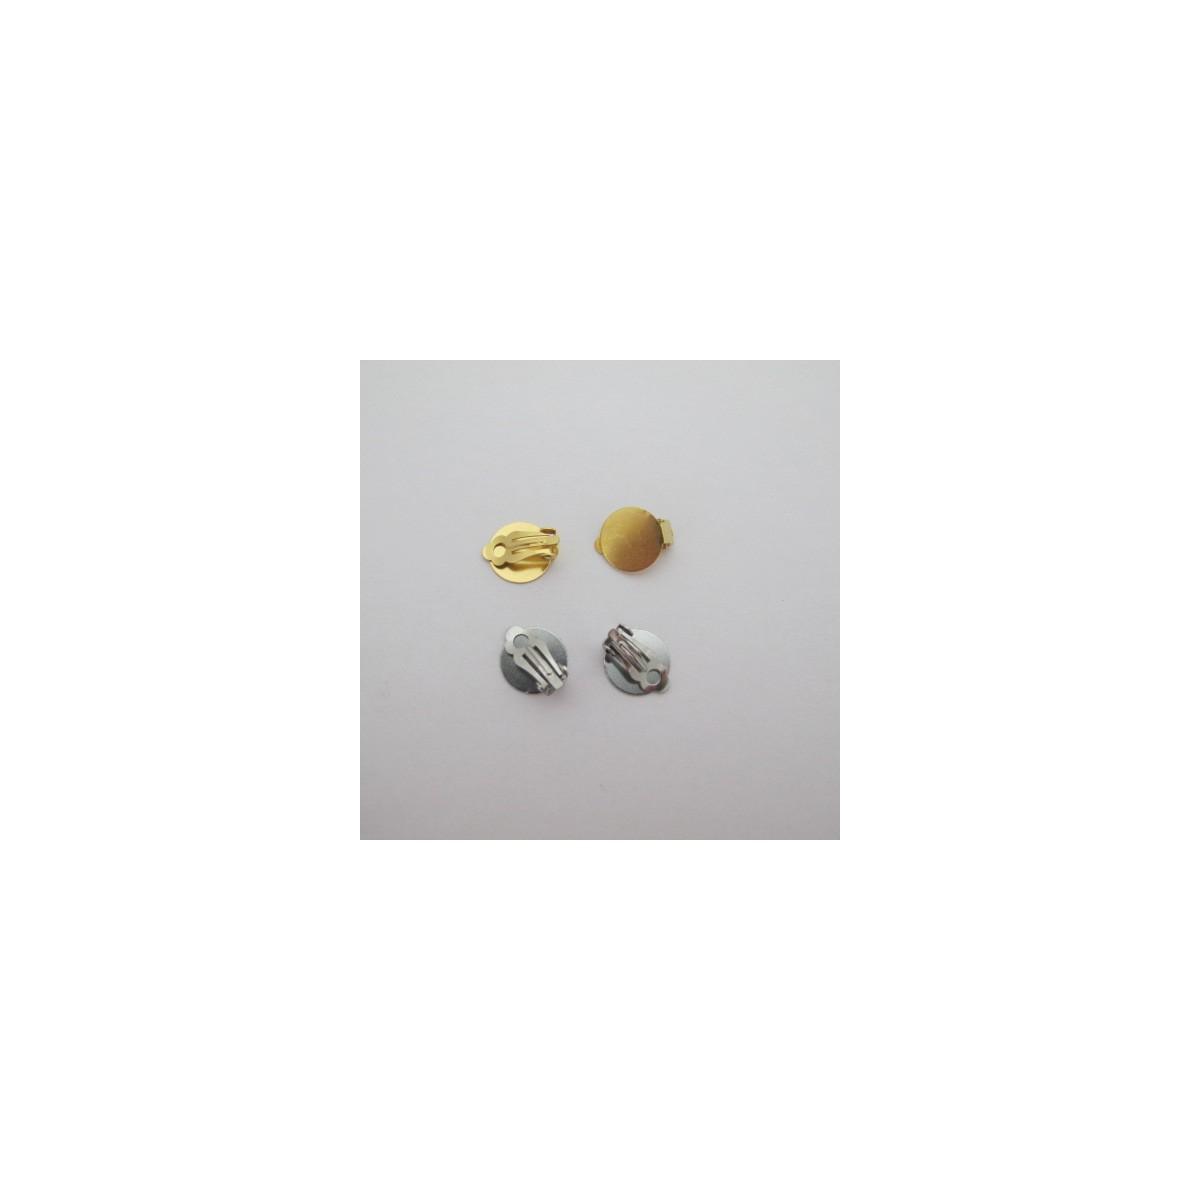 Feuille D Inox À Coller clip d'oreille à coller plateaux 14mm acier inox - perles bleues